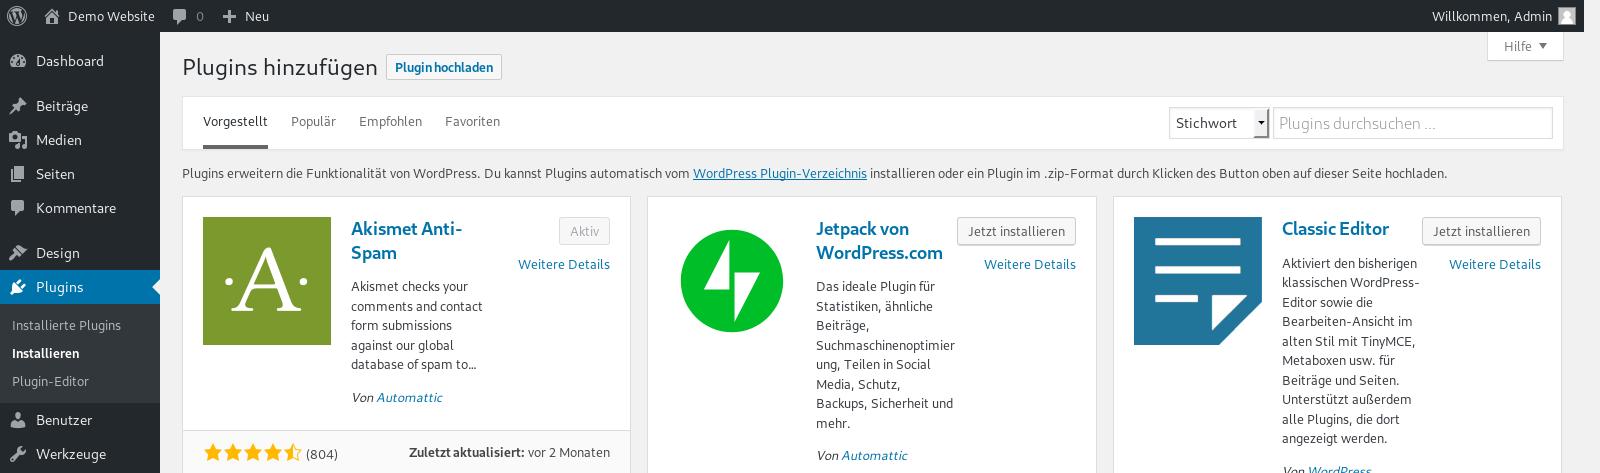 Installation von Wordpress Plugins